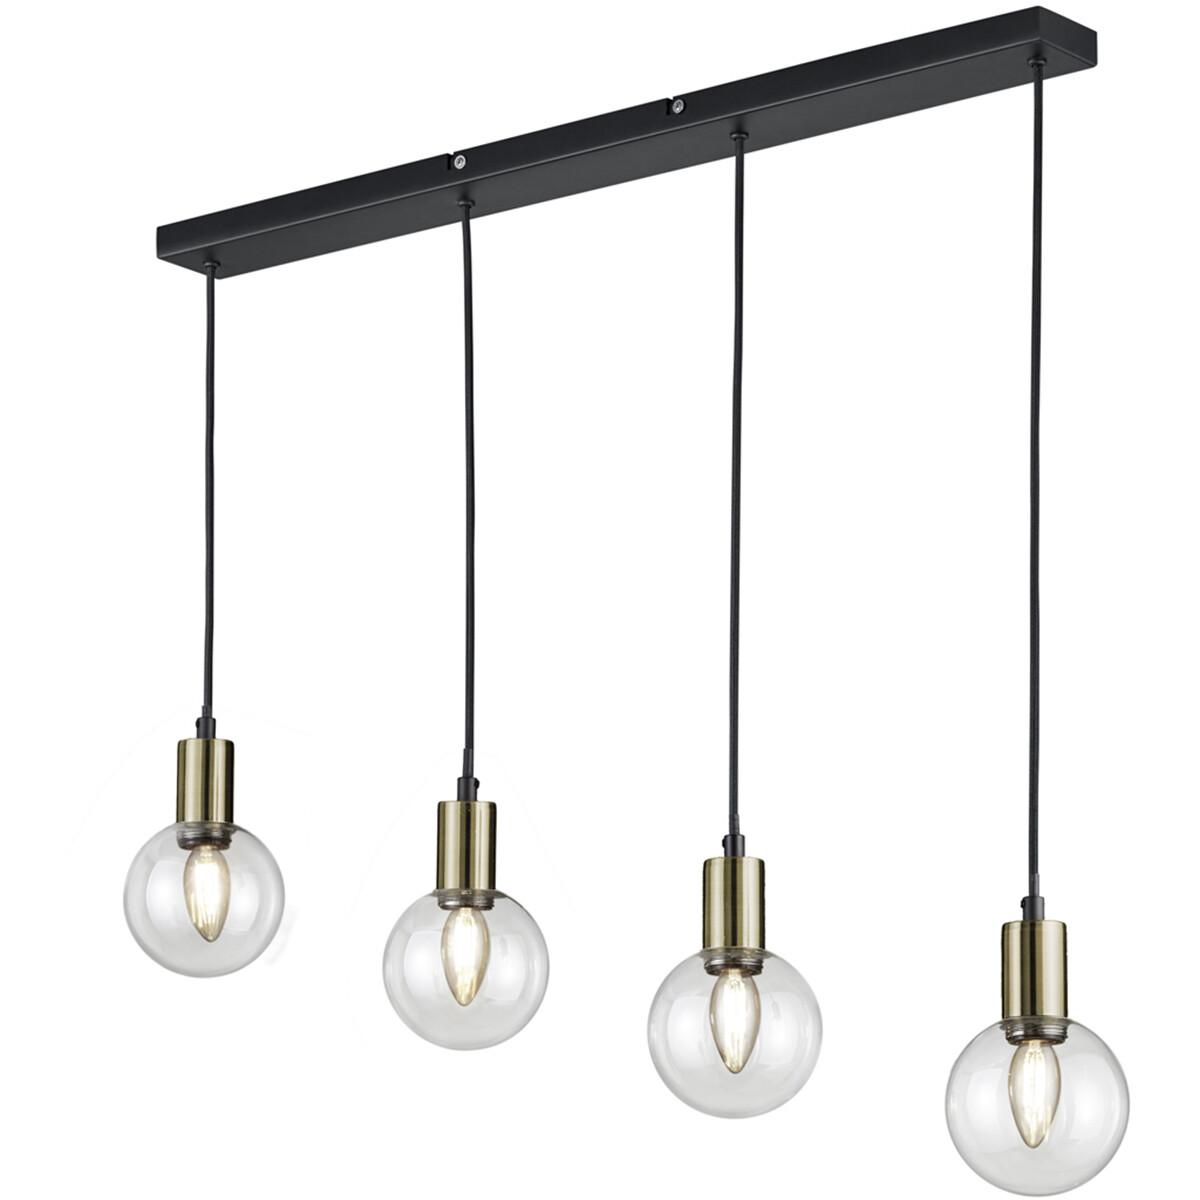 LED Hanglamp - Hangverlichting - Trion Nikon - E14 Fitting - 4-lichts - Rechthoek - Mat Zwart - Alum